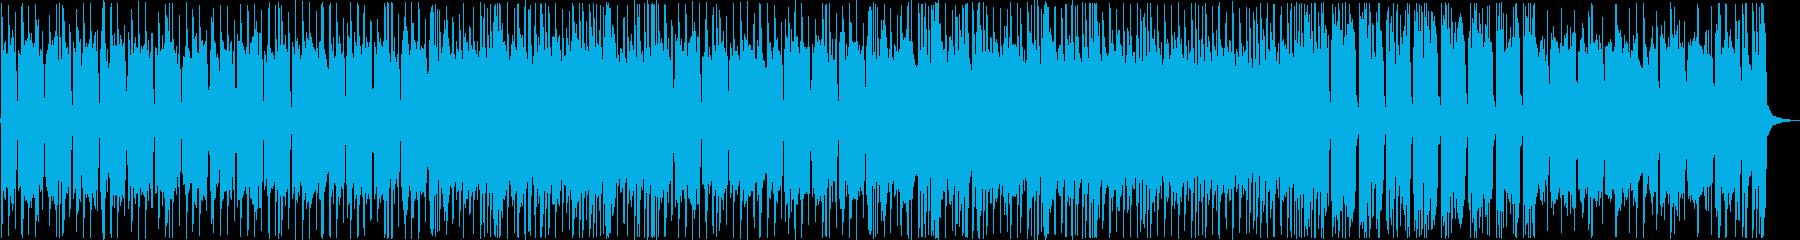 激しい重低音が特徴的なメロディーの再生済みの波形